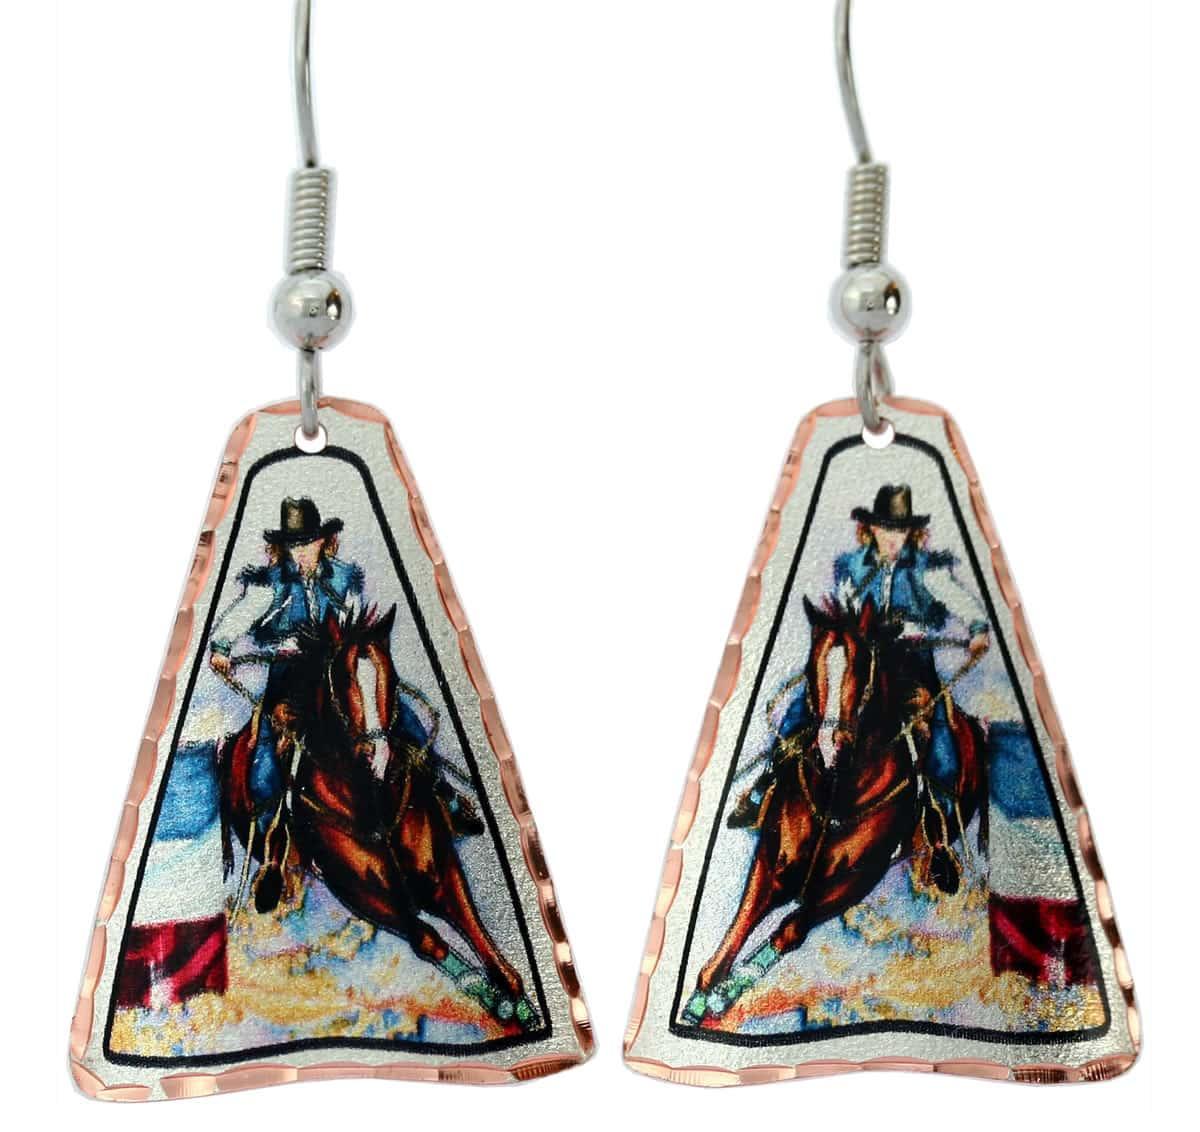 Barrel racer rodeo earrings for women who love weatern fashion